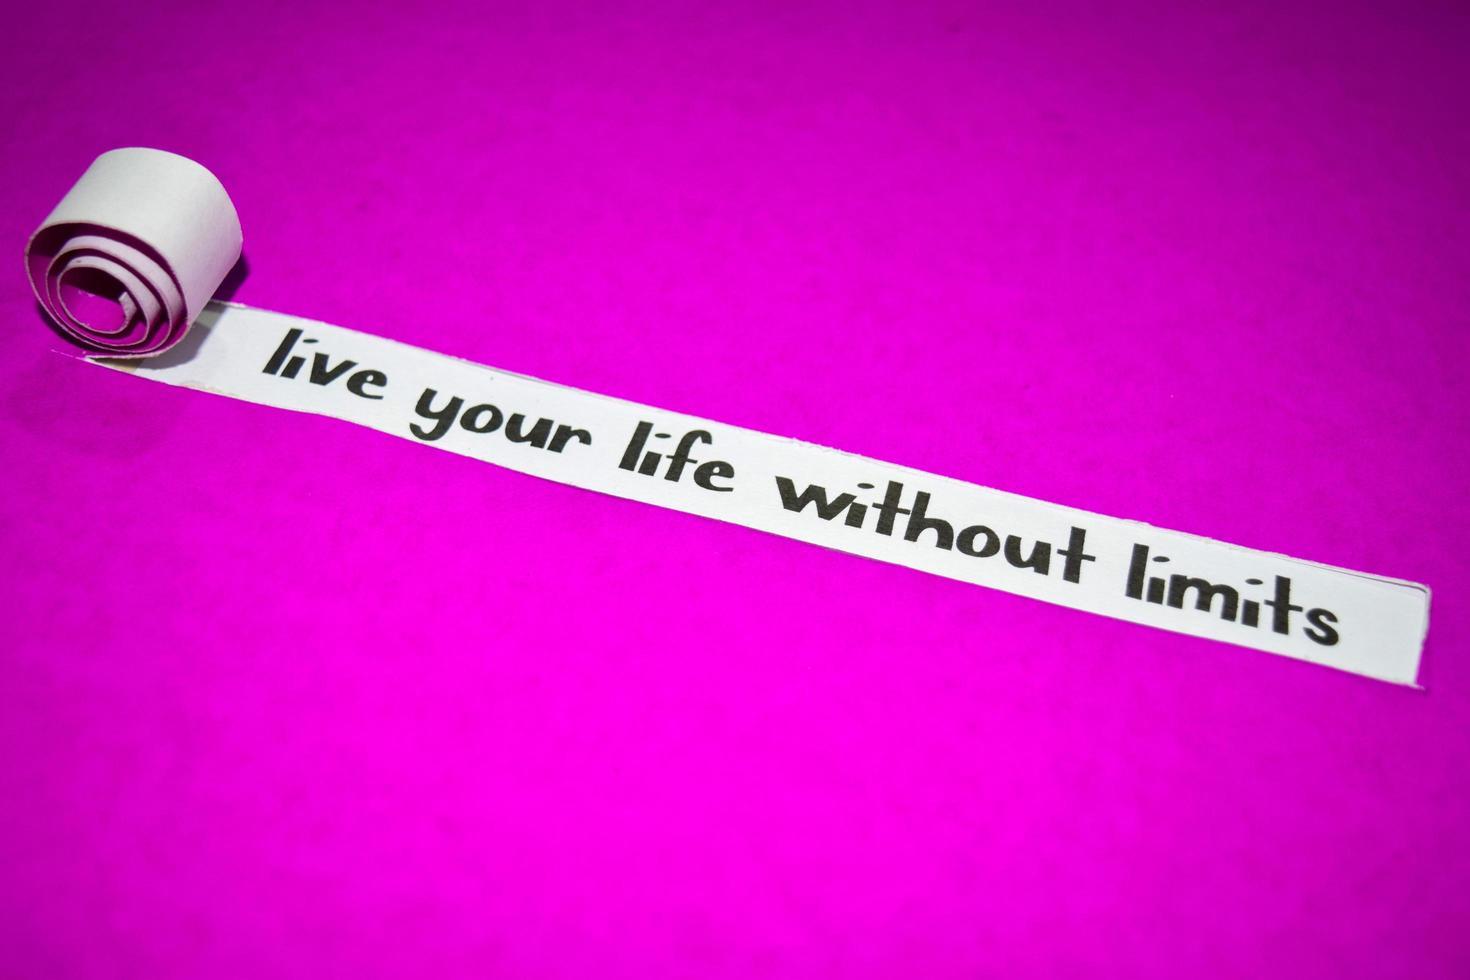 Vivez votre vie sans limites texte, inspiration, motivation et concept d'entreprise sur papier déchiré violet photo